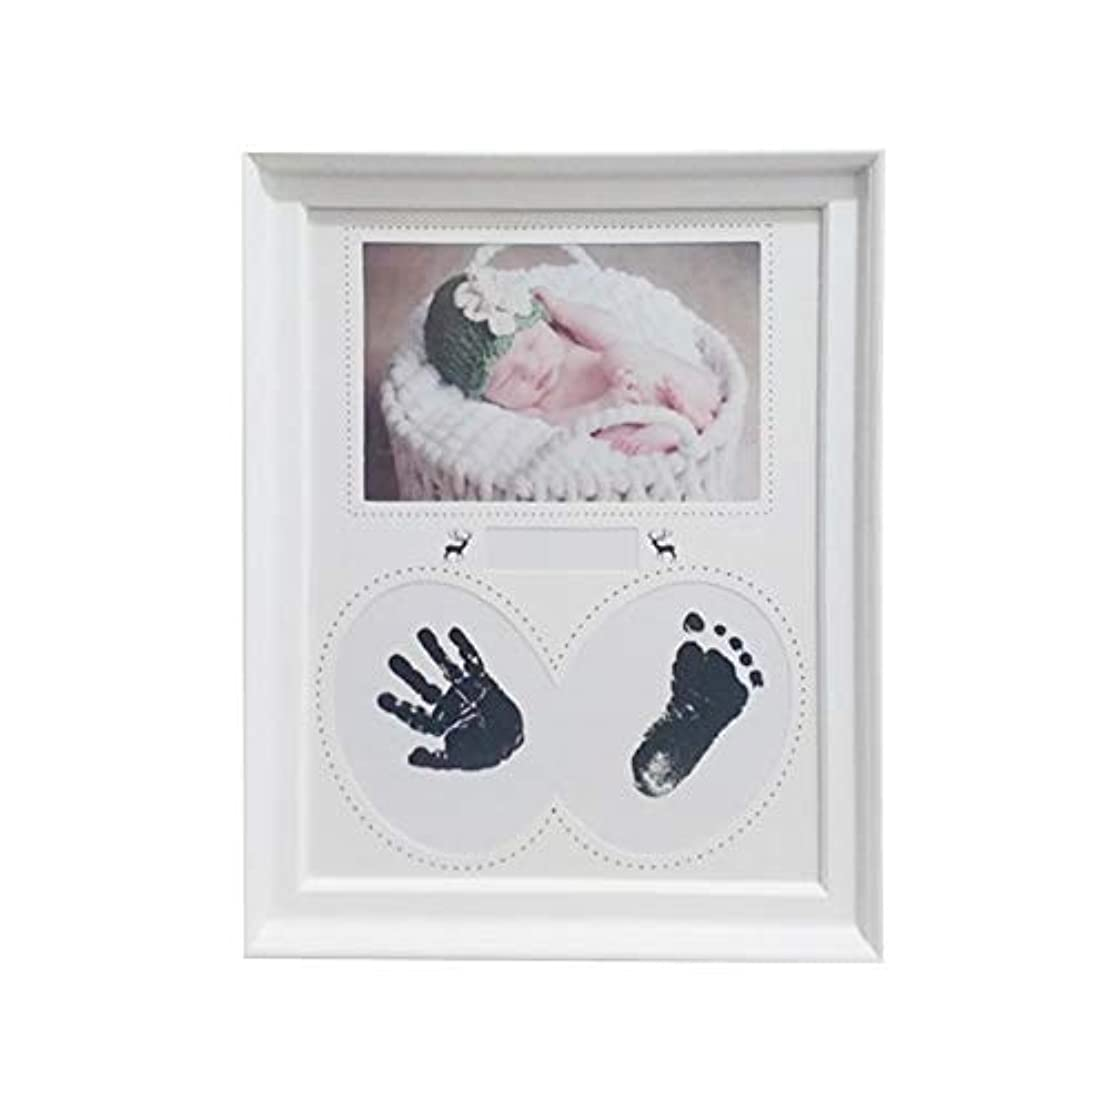 キャンディー勝つ石FECHO 赤ちゃん ベビーフォトフレーム?写真立て 手形 足形 ベビーフレーム 新生児 成長記録 木製フレーム5秒簡単速成